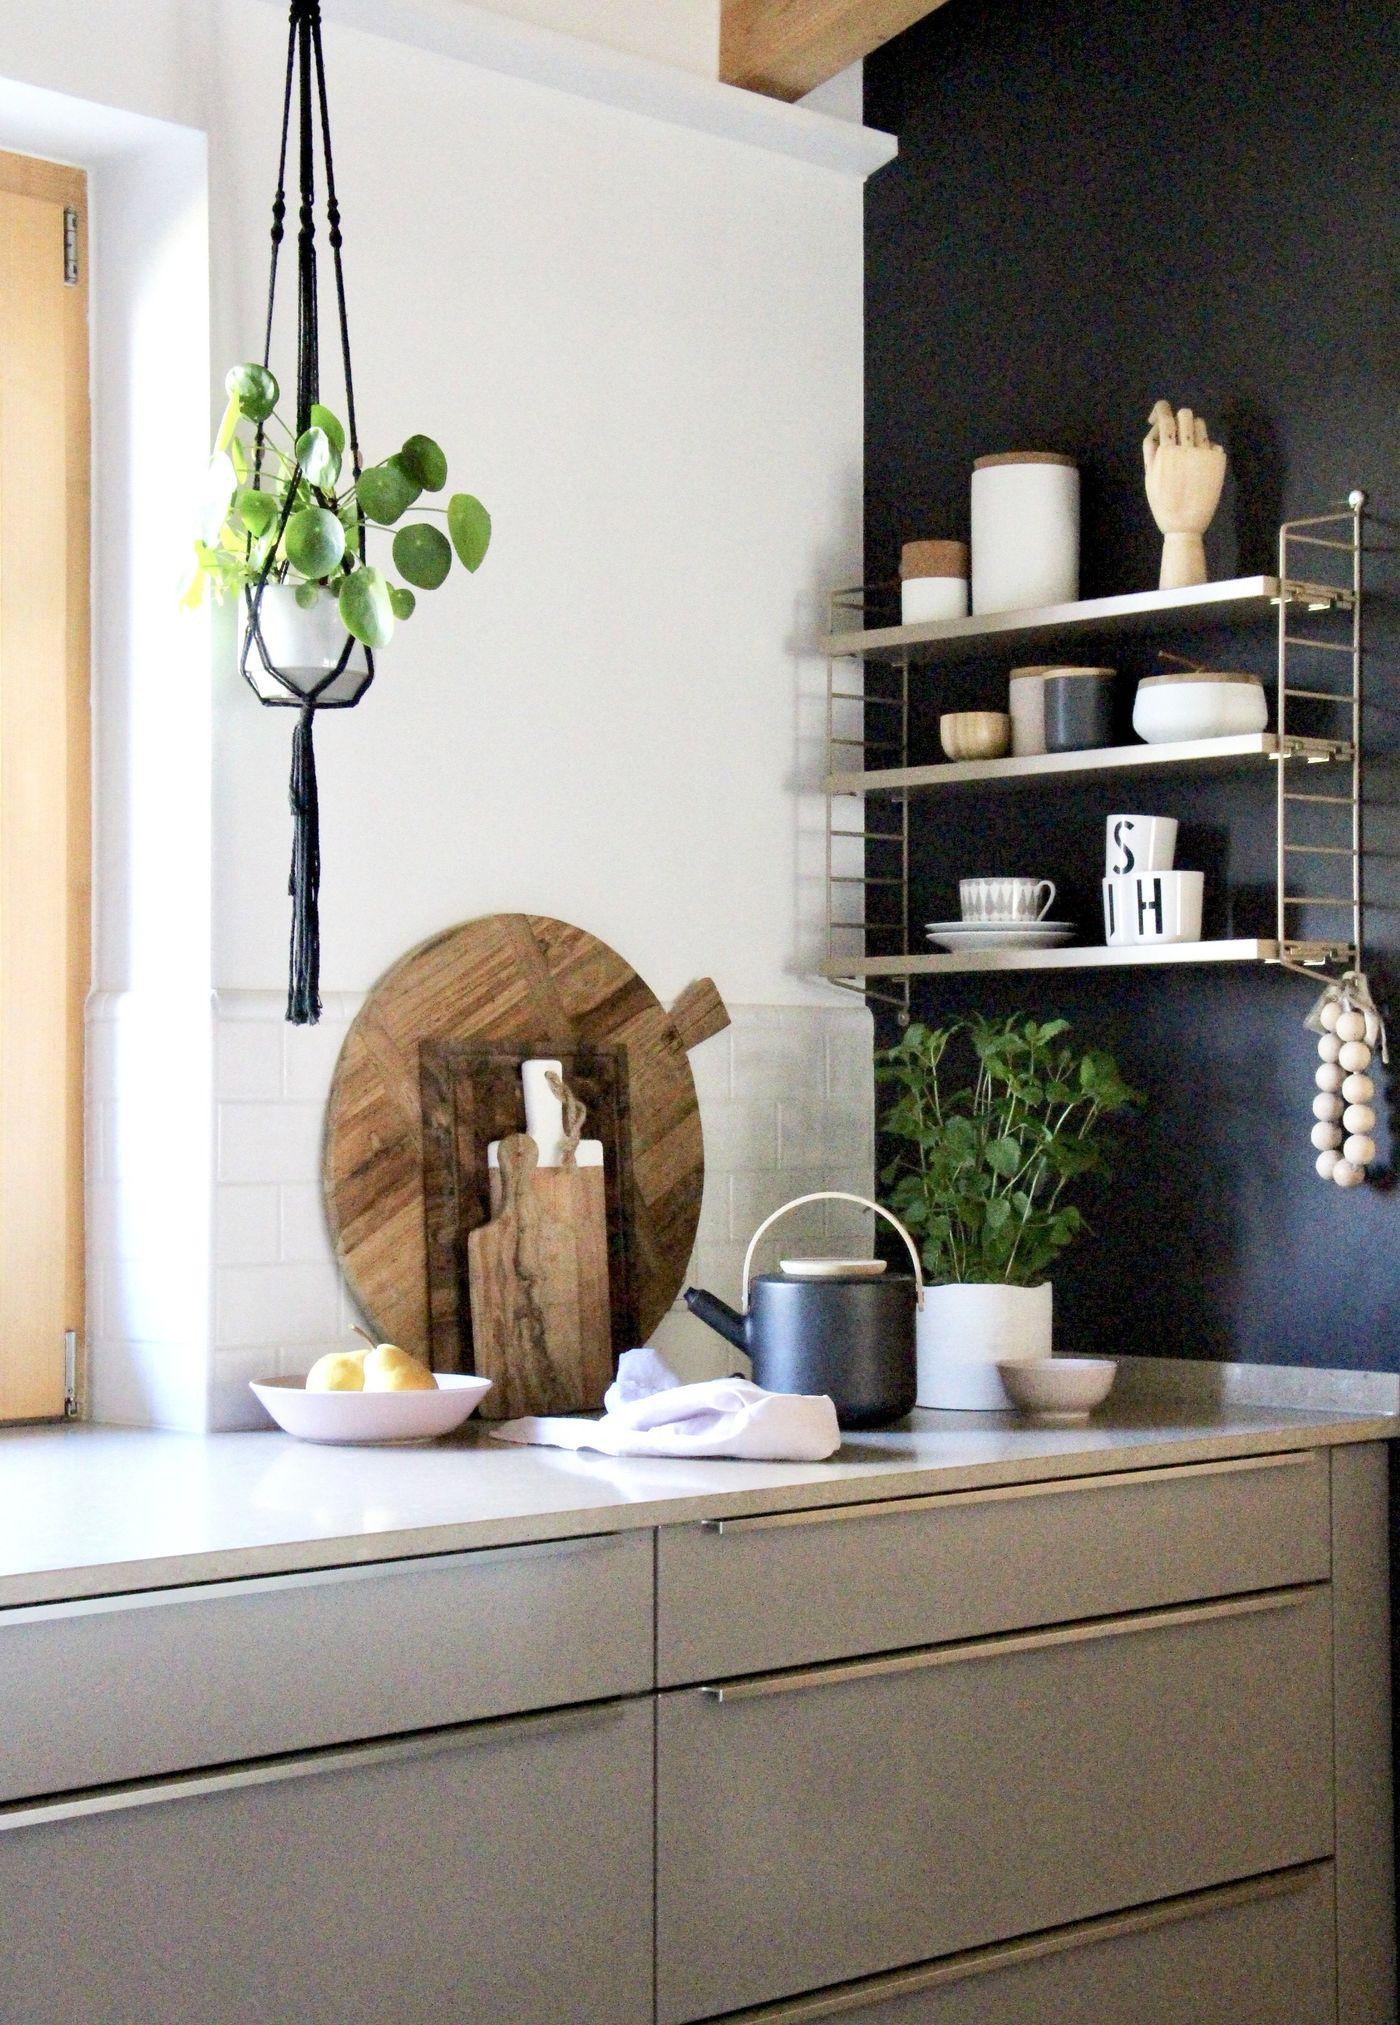 die sch nsten k chen ideen seite 23. Black Bedroom Furniture Sets. Home Design Ideas